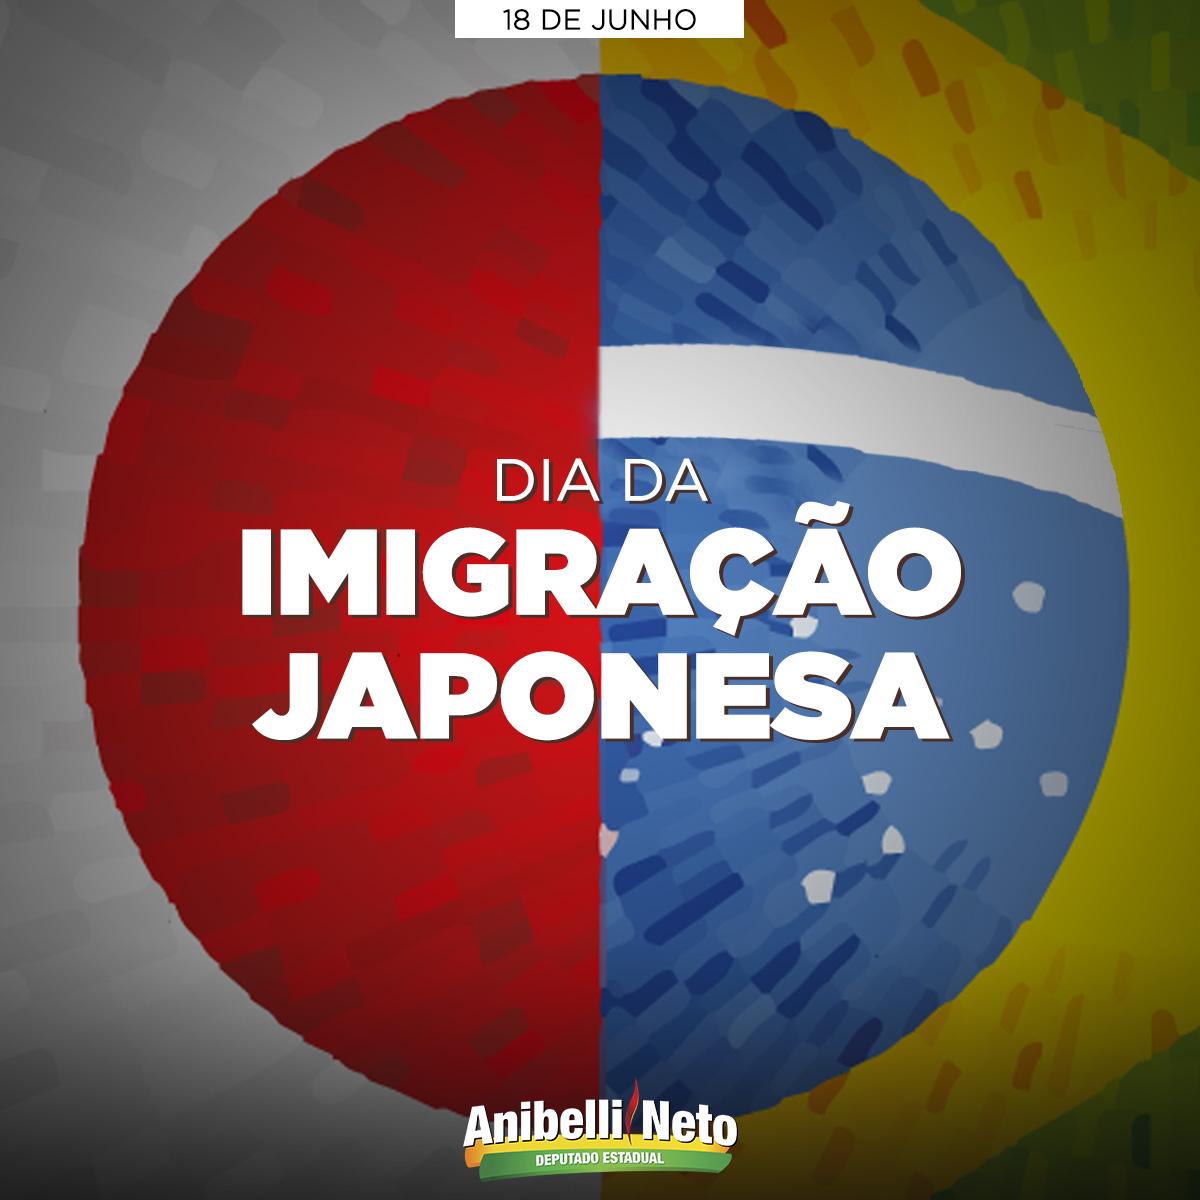 Dia da Imigração Japonesa